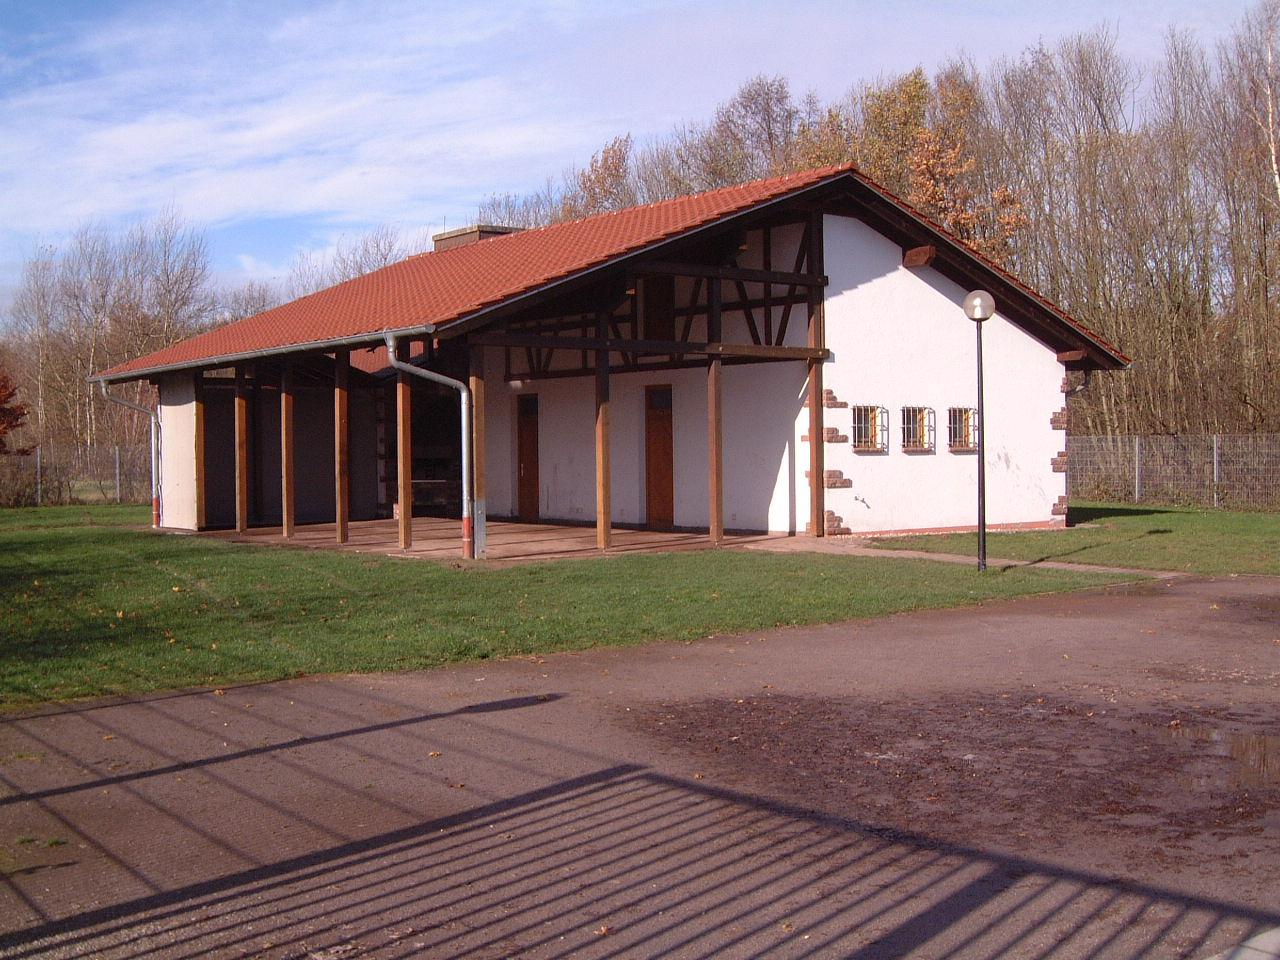 Schwimmbad Bellheim grillhütte verbandsgemeinde bellheim